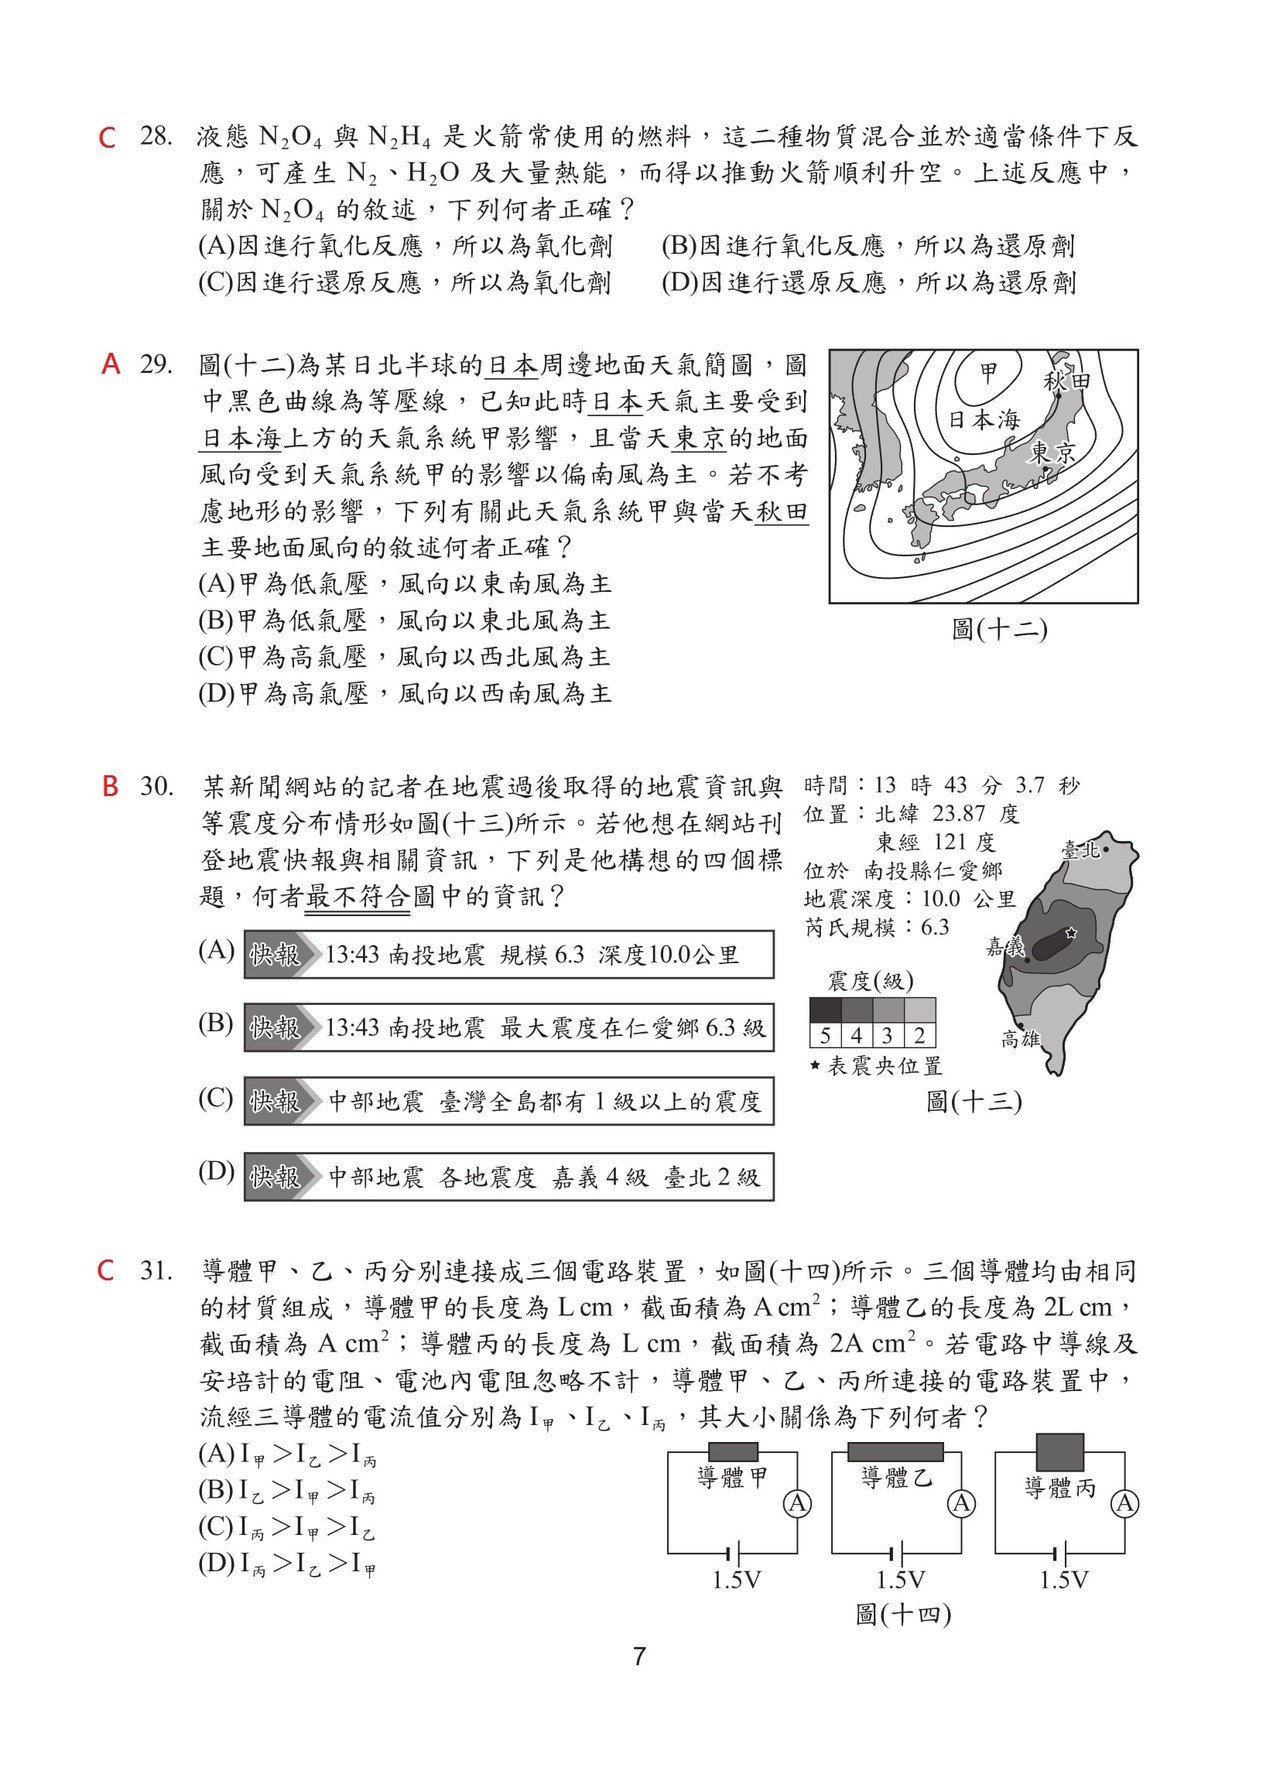 108國中會考自然科試題解答,第7頁。